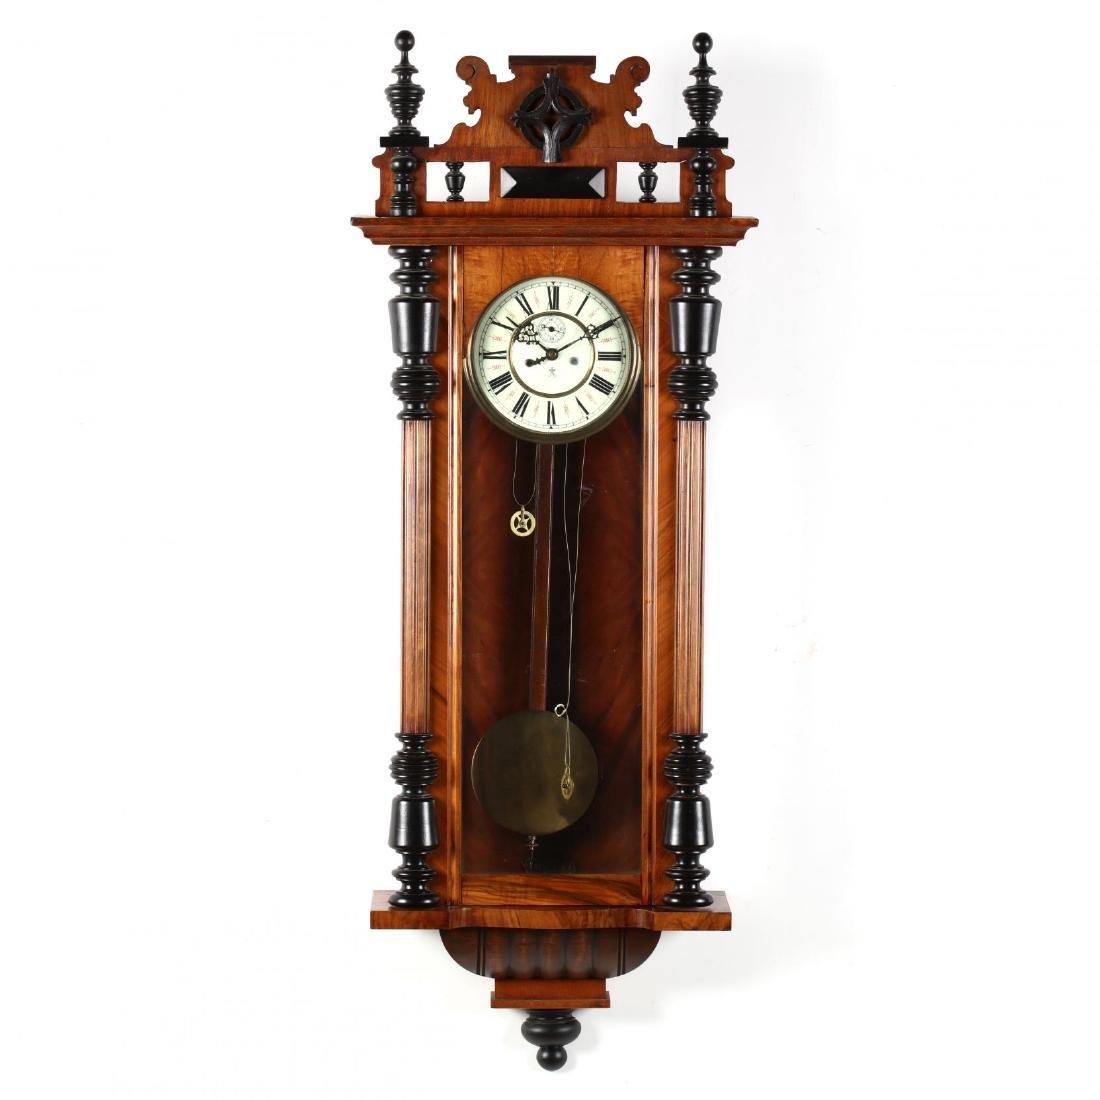 Gustav Becker, Regulator Wall Clock